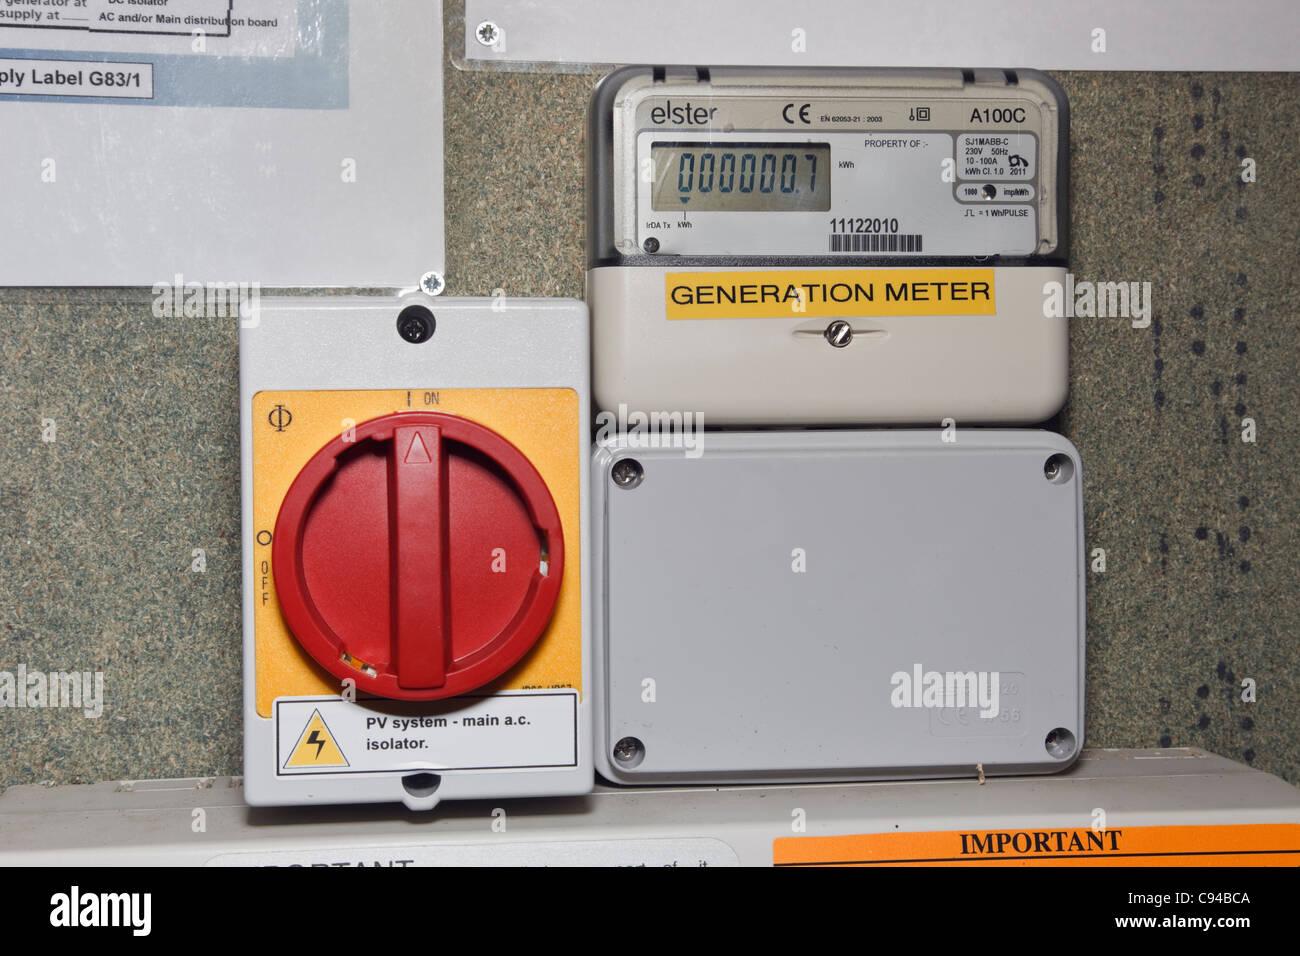 L'interrupteur d'isolation de PV et nouvelle génération d'enregistrement domestique compteur Photo Stock